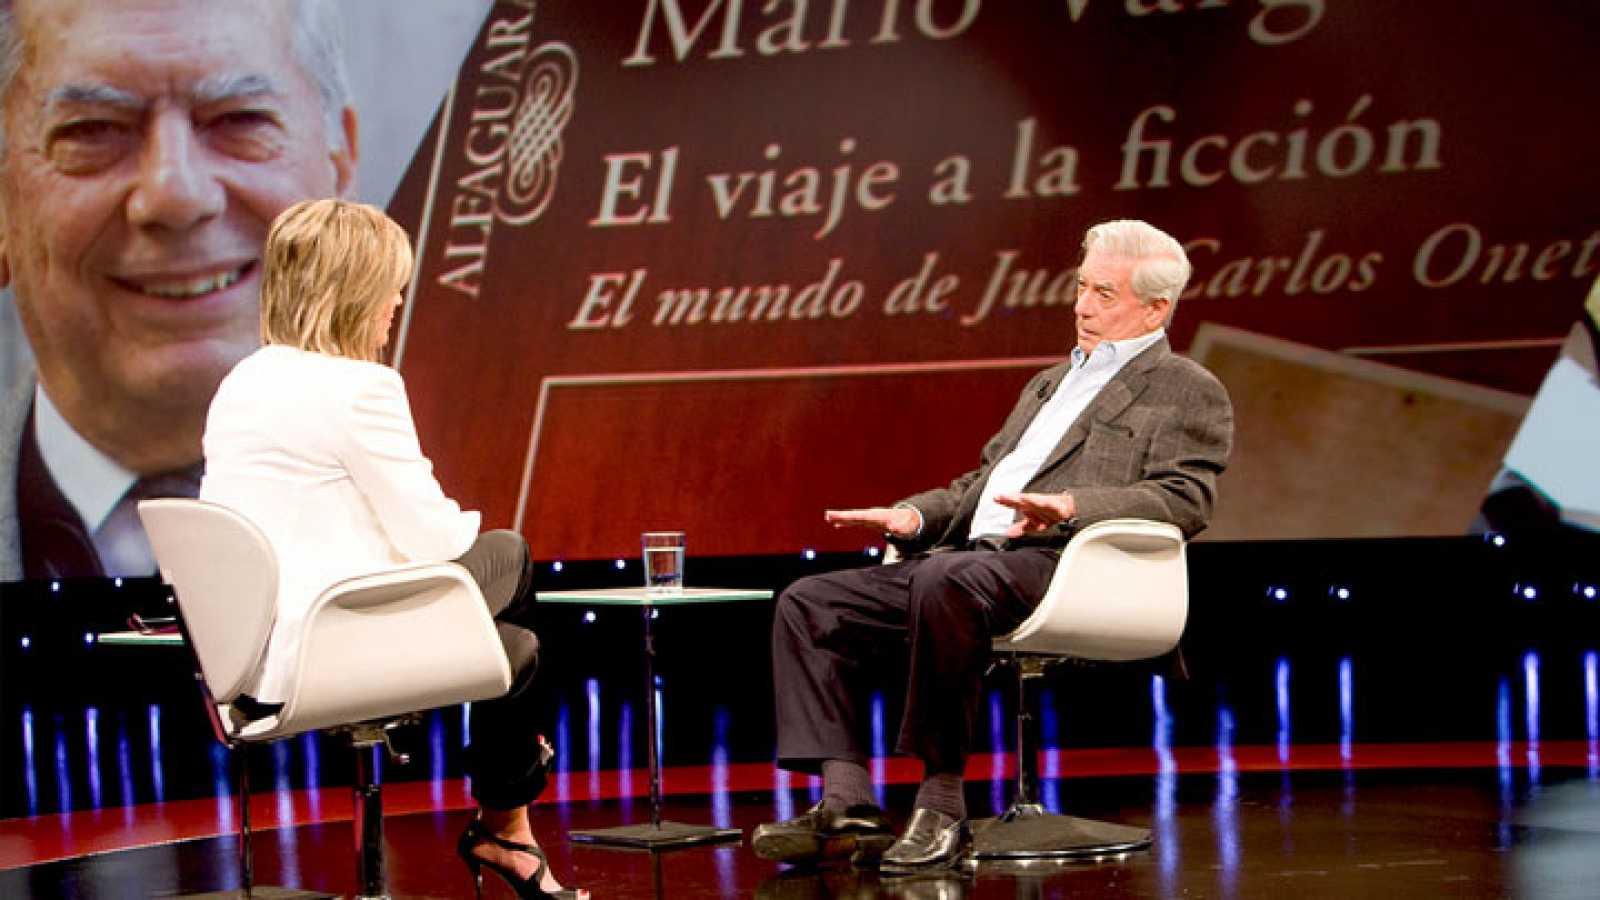 Entrevista a la carta - Mario Vargas Llosa - Ver ahora